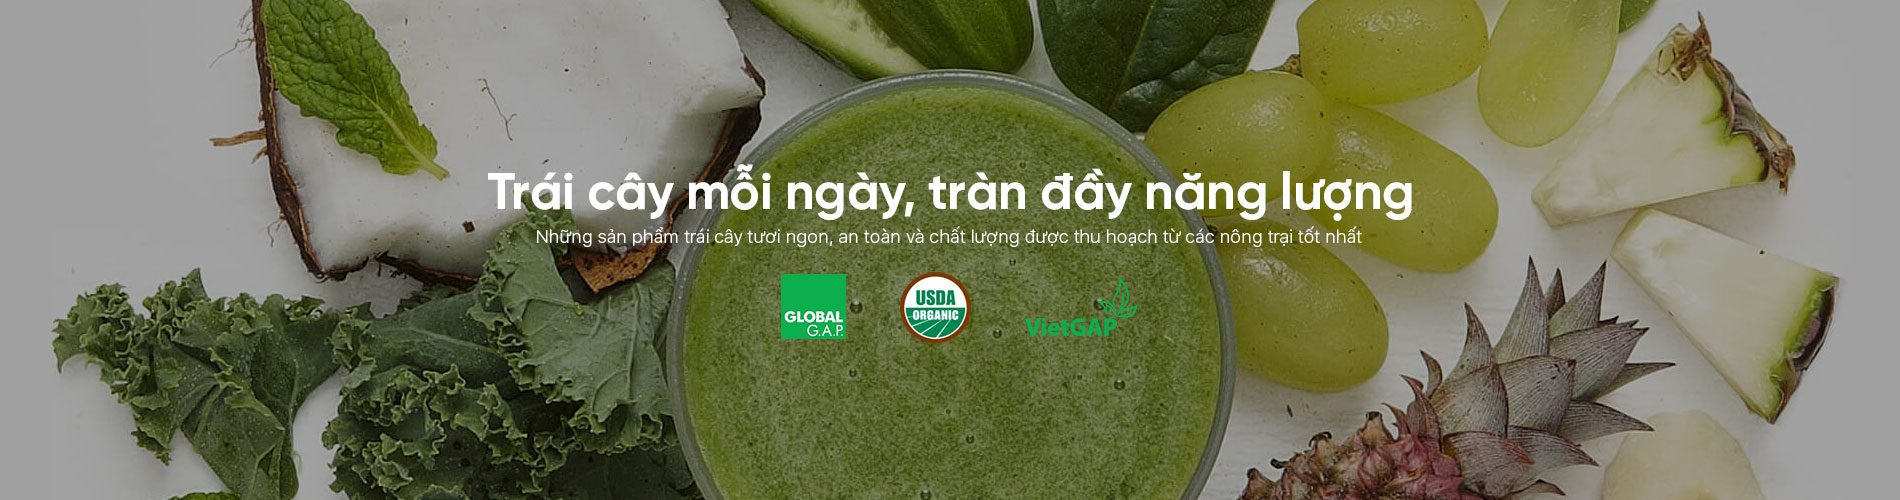 trái cây tươi hữu cơ